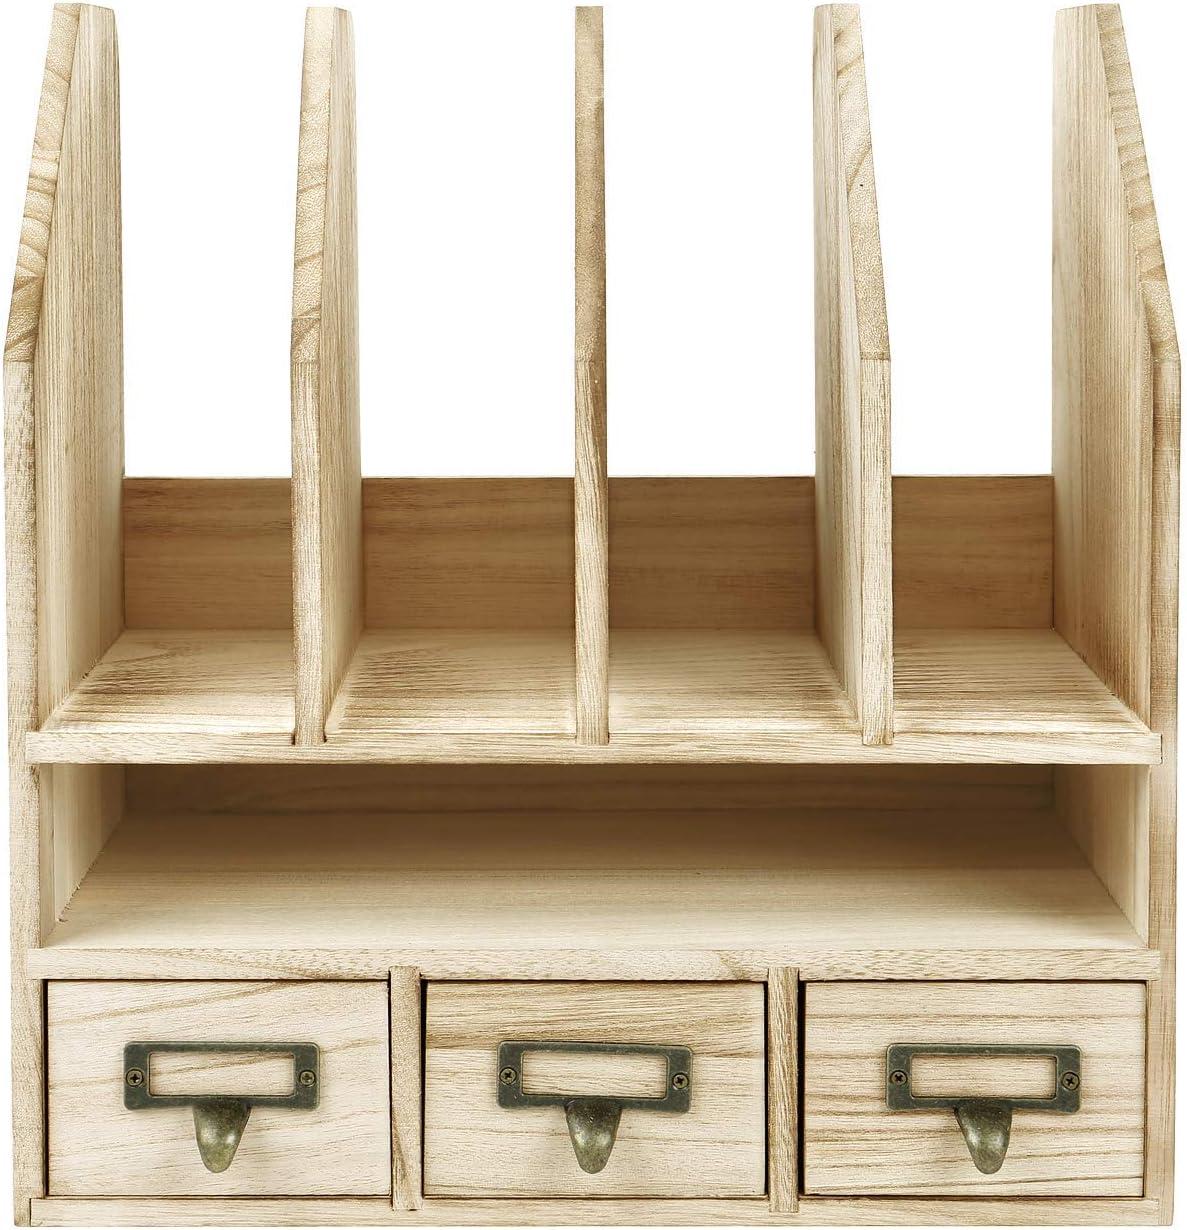 Ikee Design Wooden Desk Organizer File//Mail Sorter Office Supplies Storage